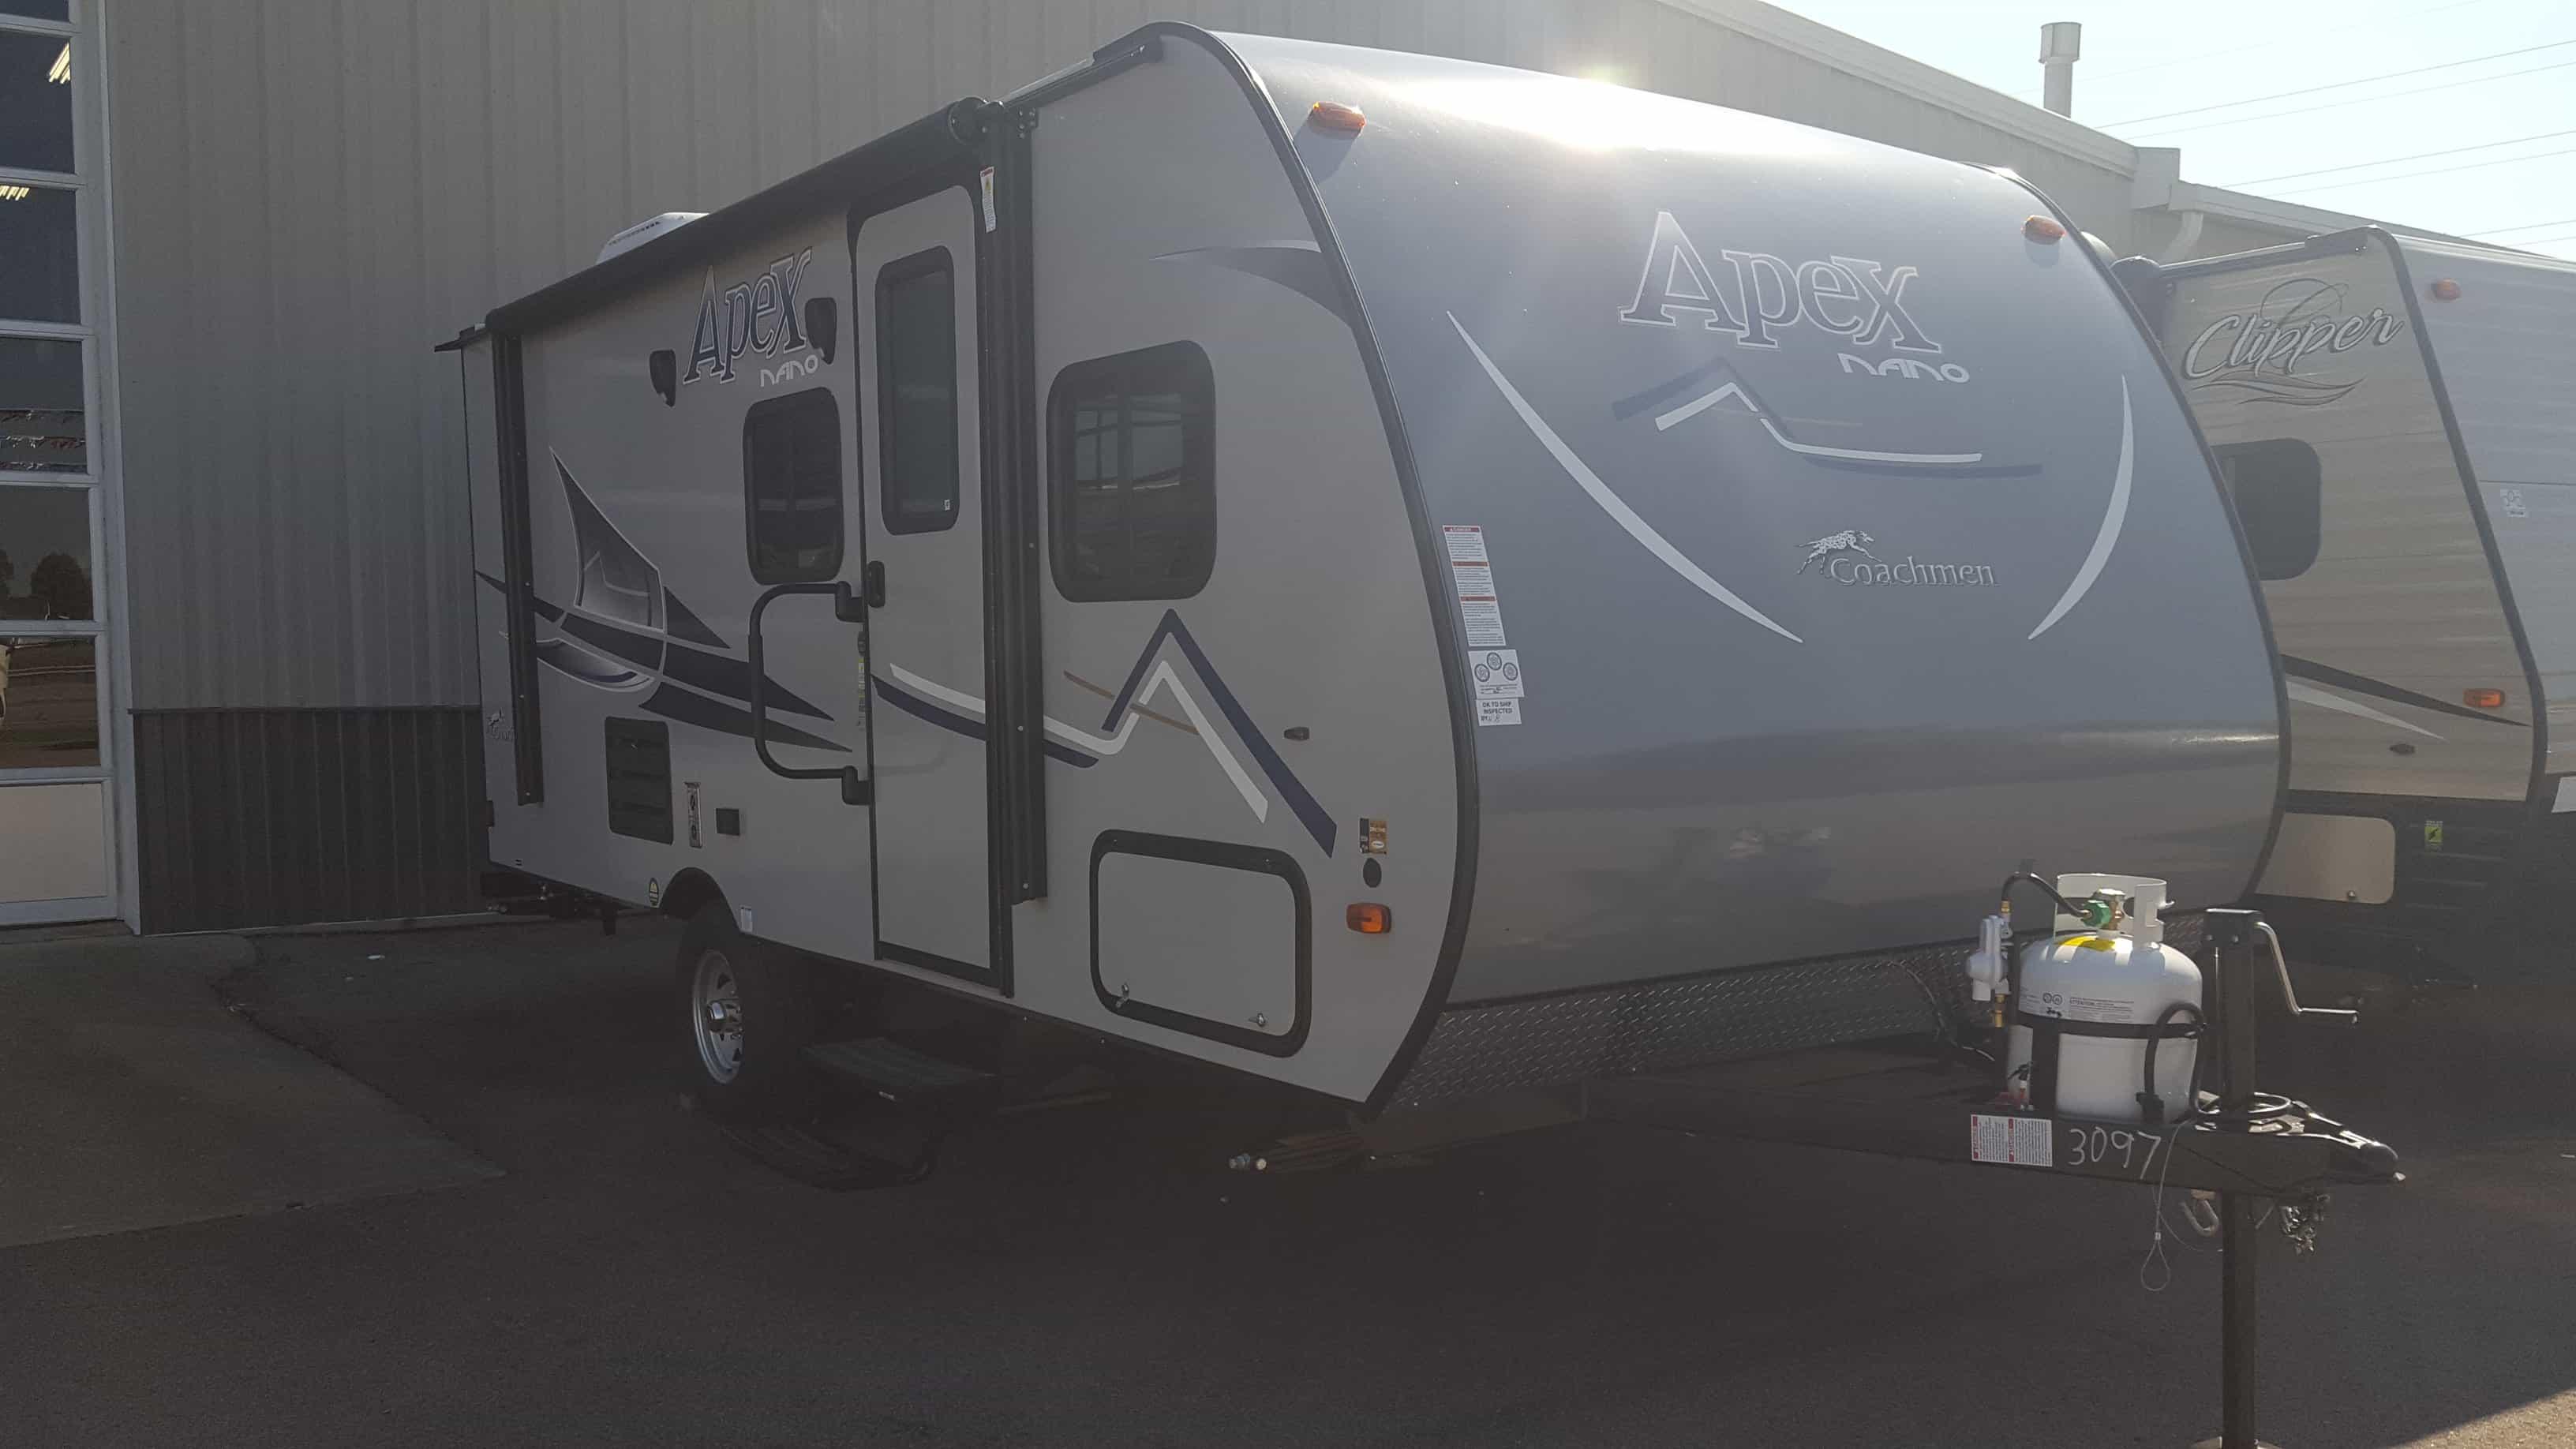 NEW 2018 Coachmen APEX NANO 193BHS - American RV